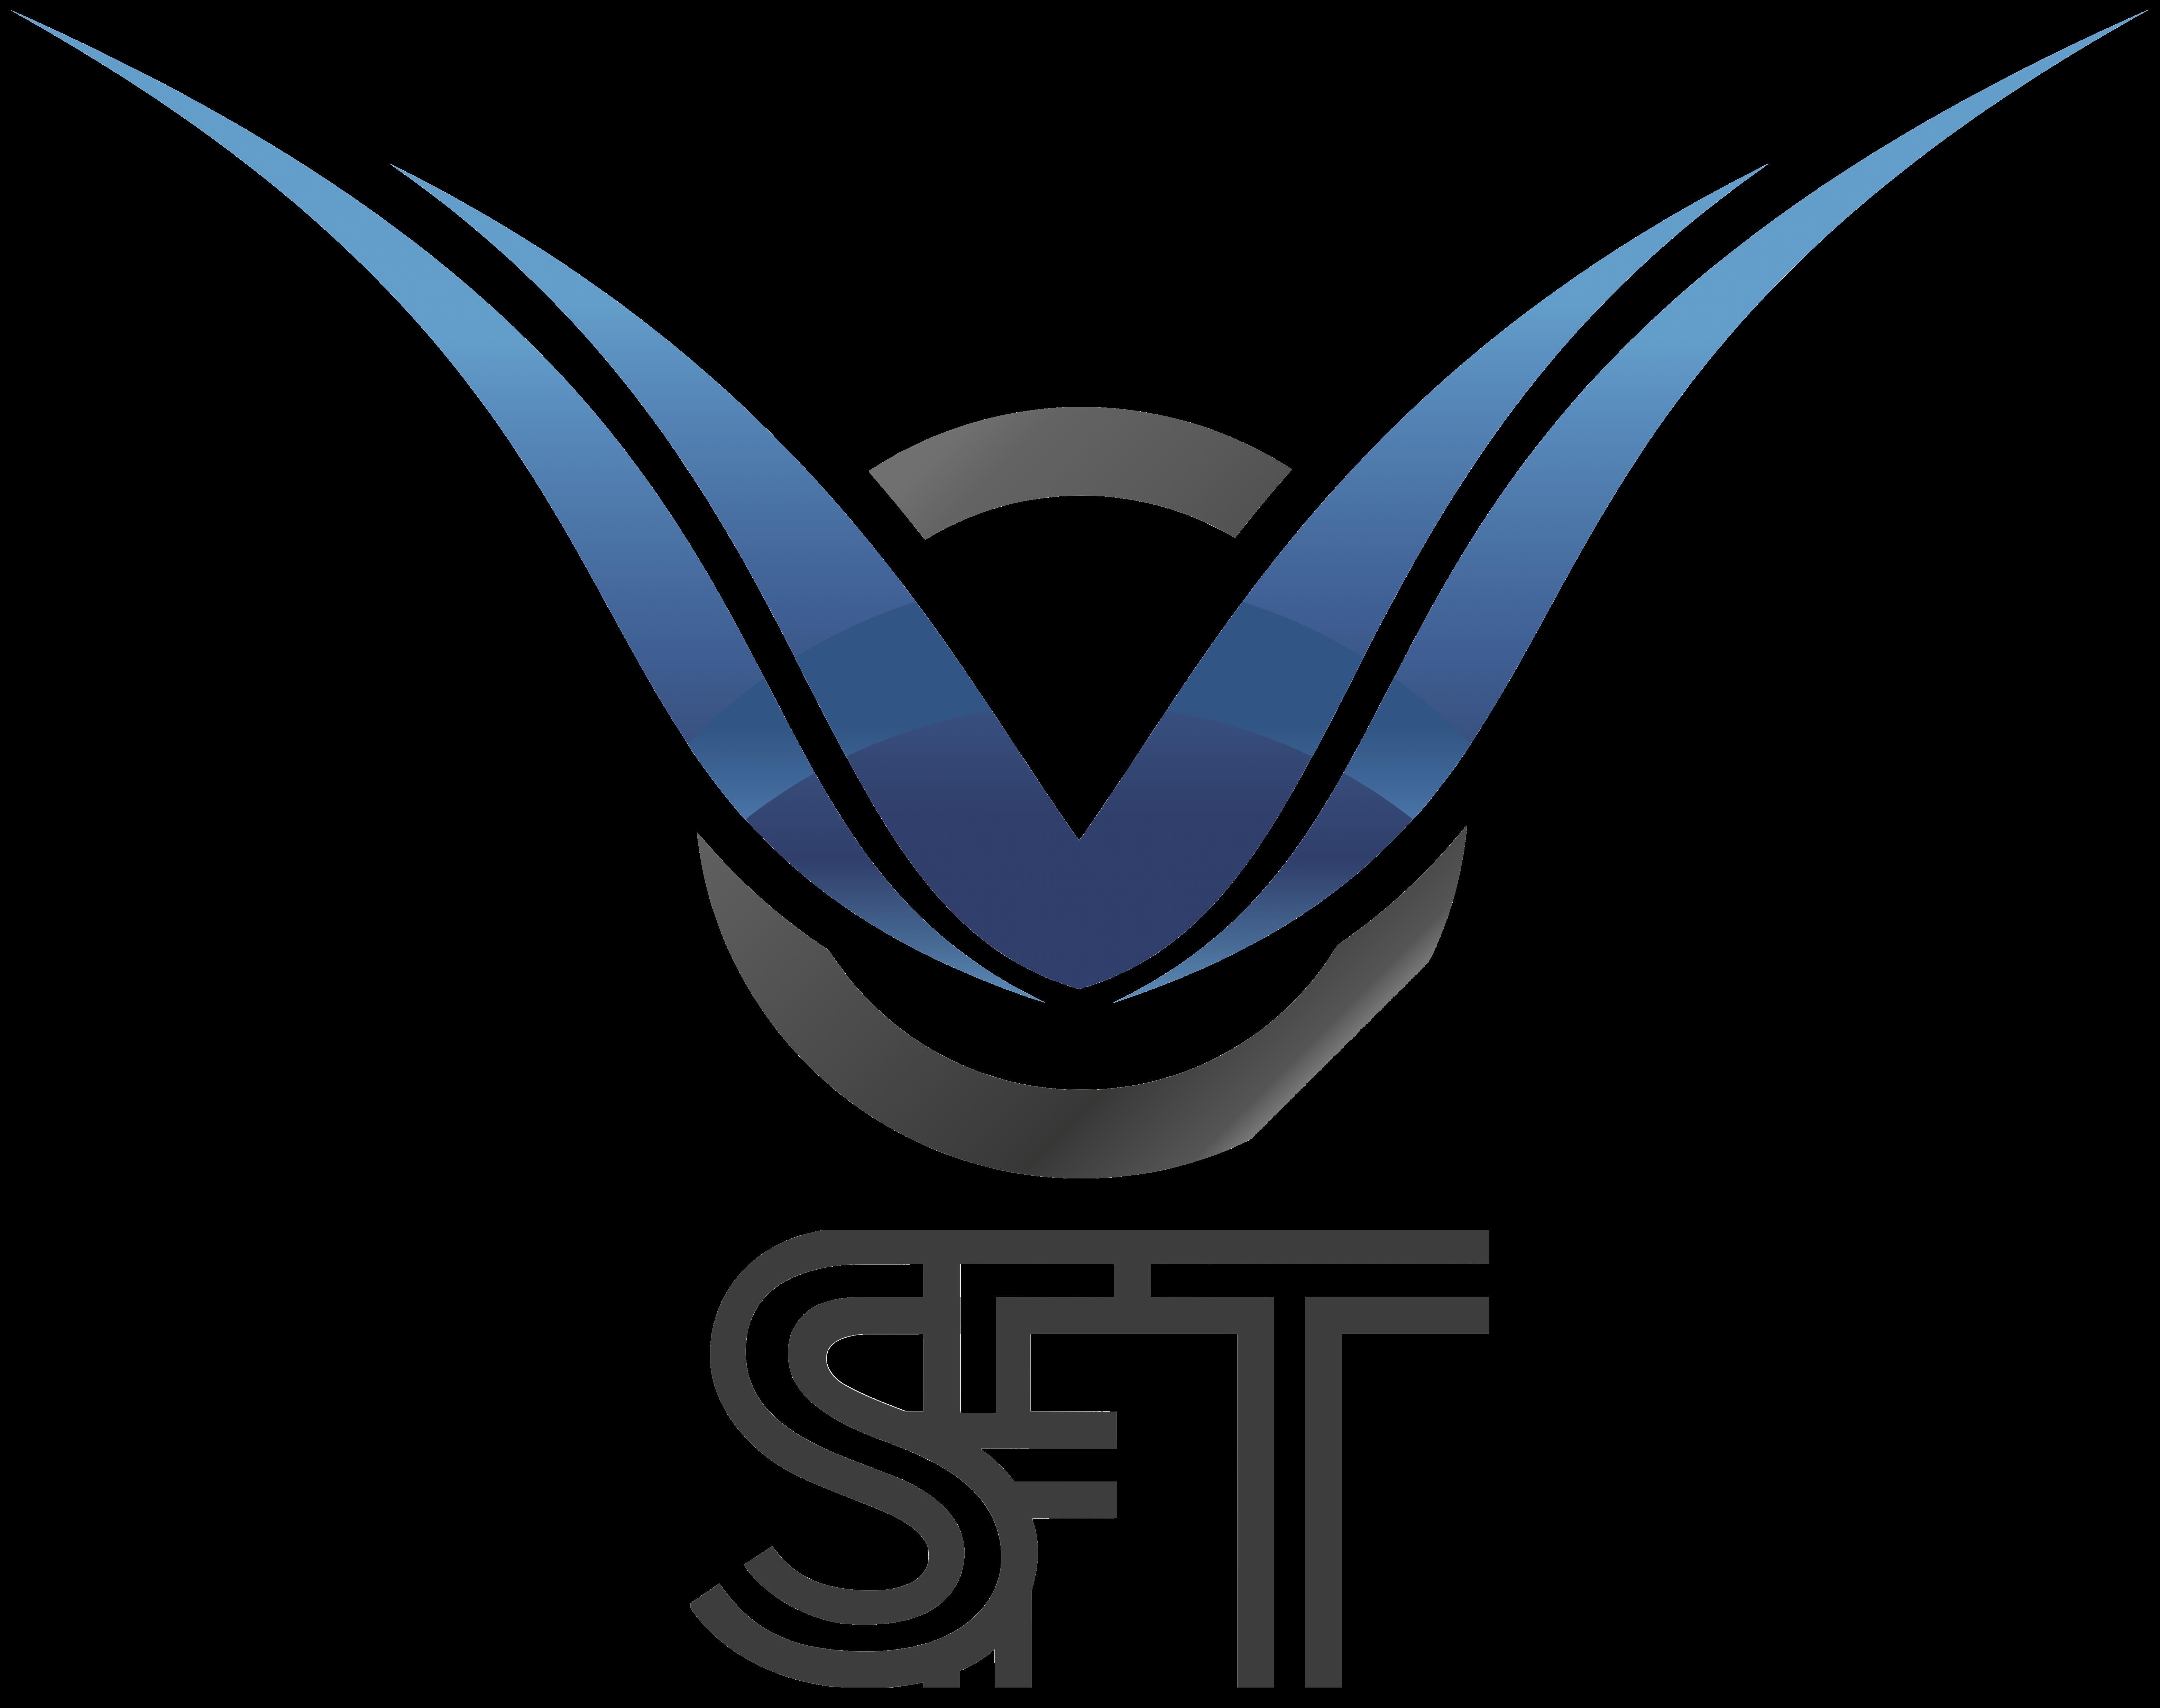 SFT_Logo_fertig